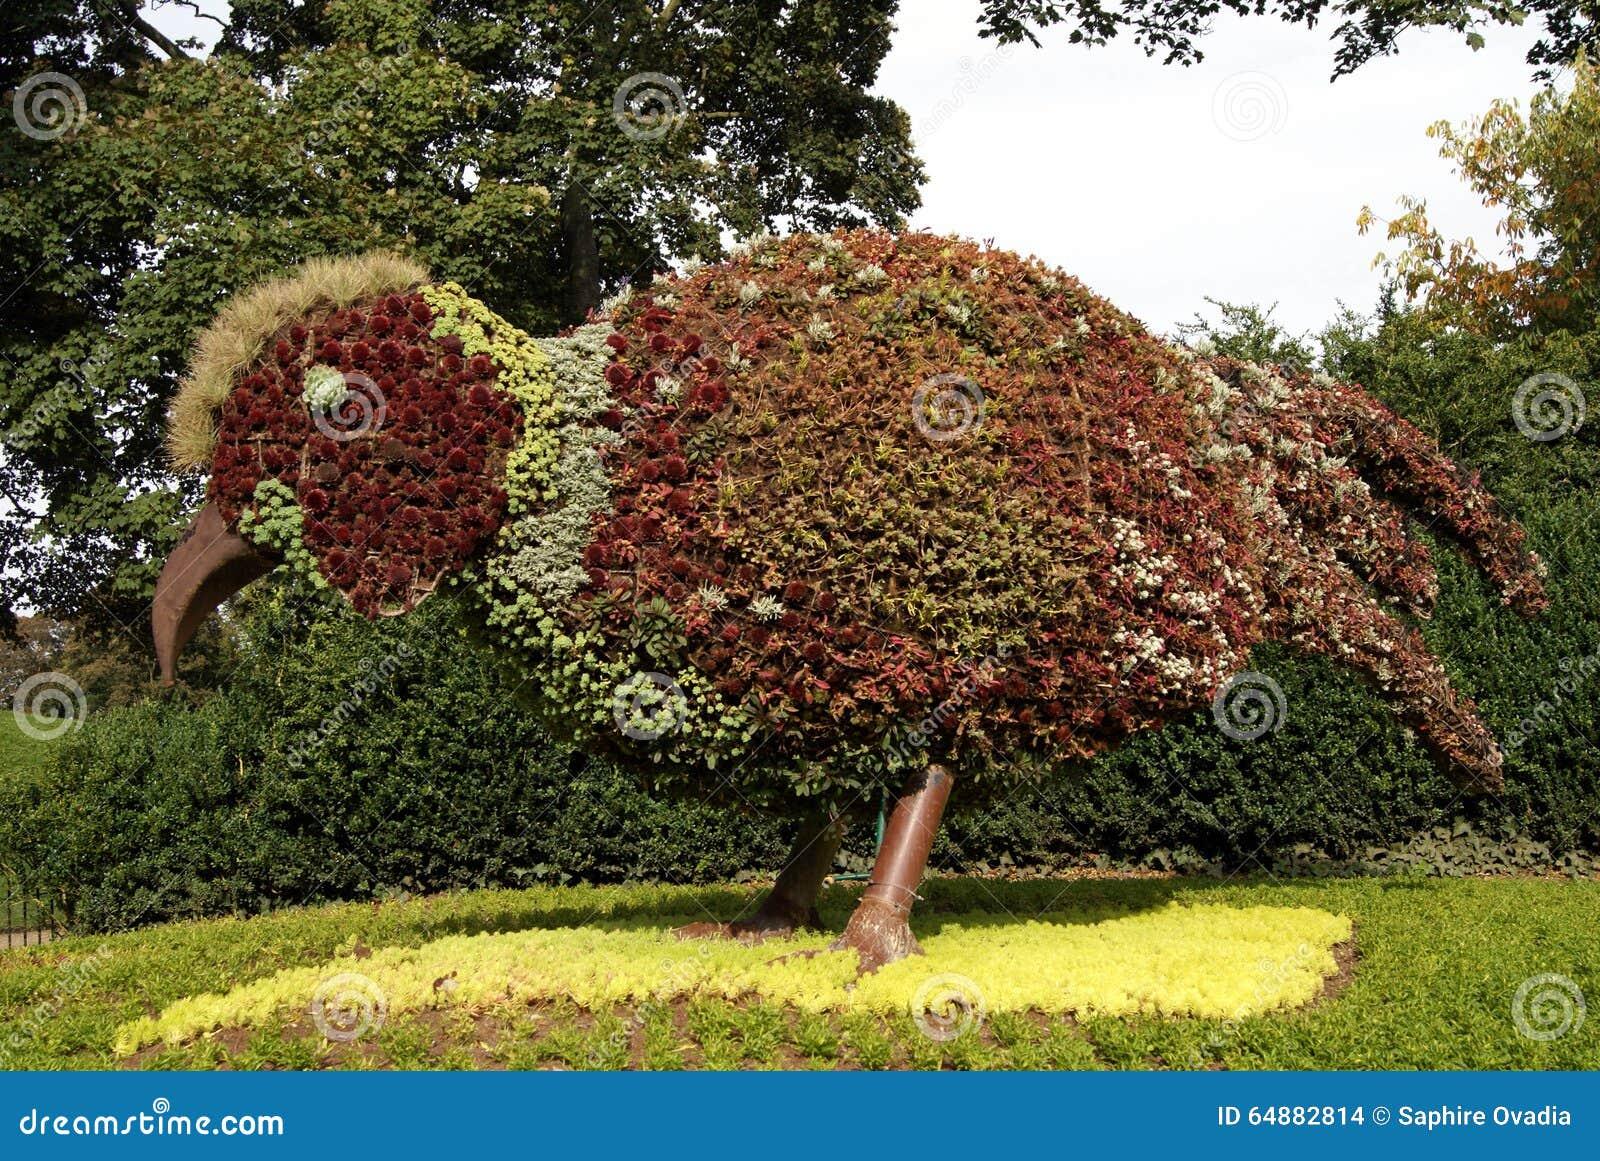 Garden art. Garden design. stock photo. Image of scenic - 64882814